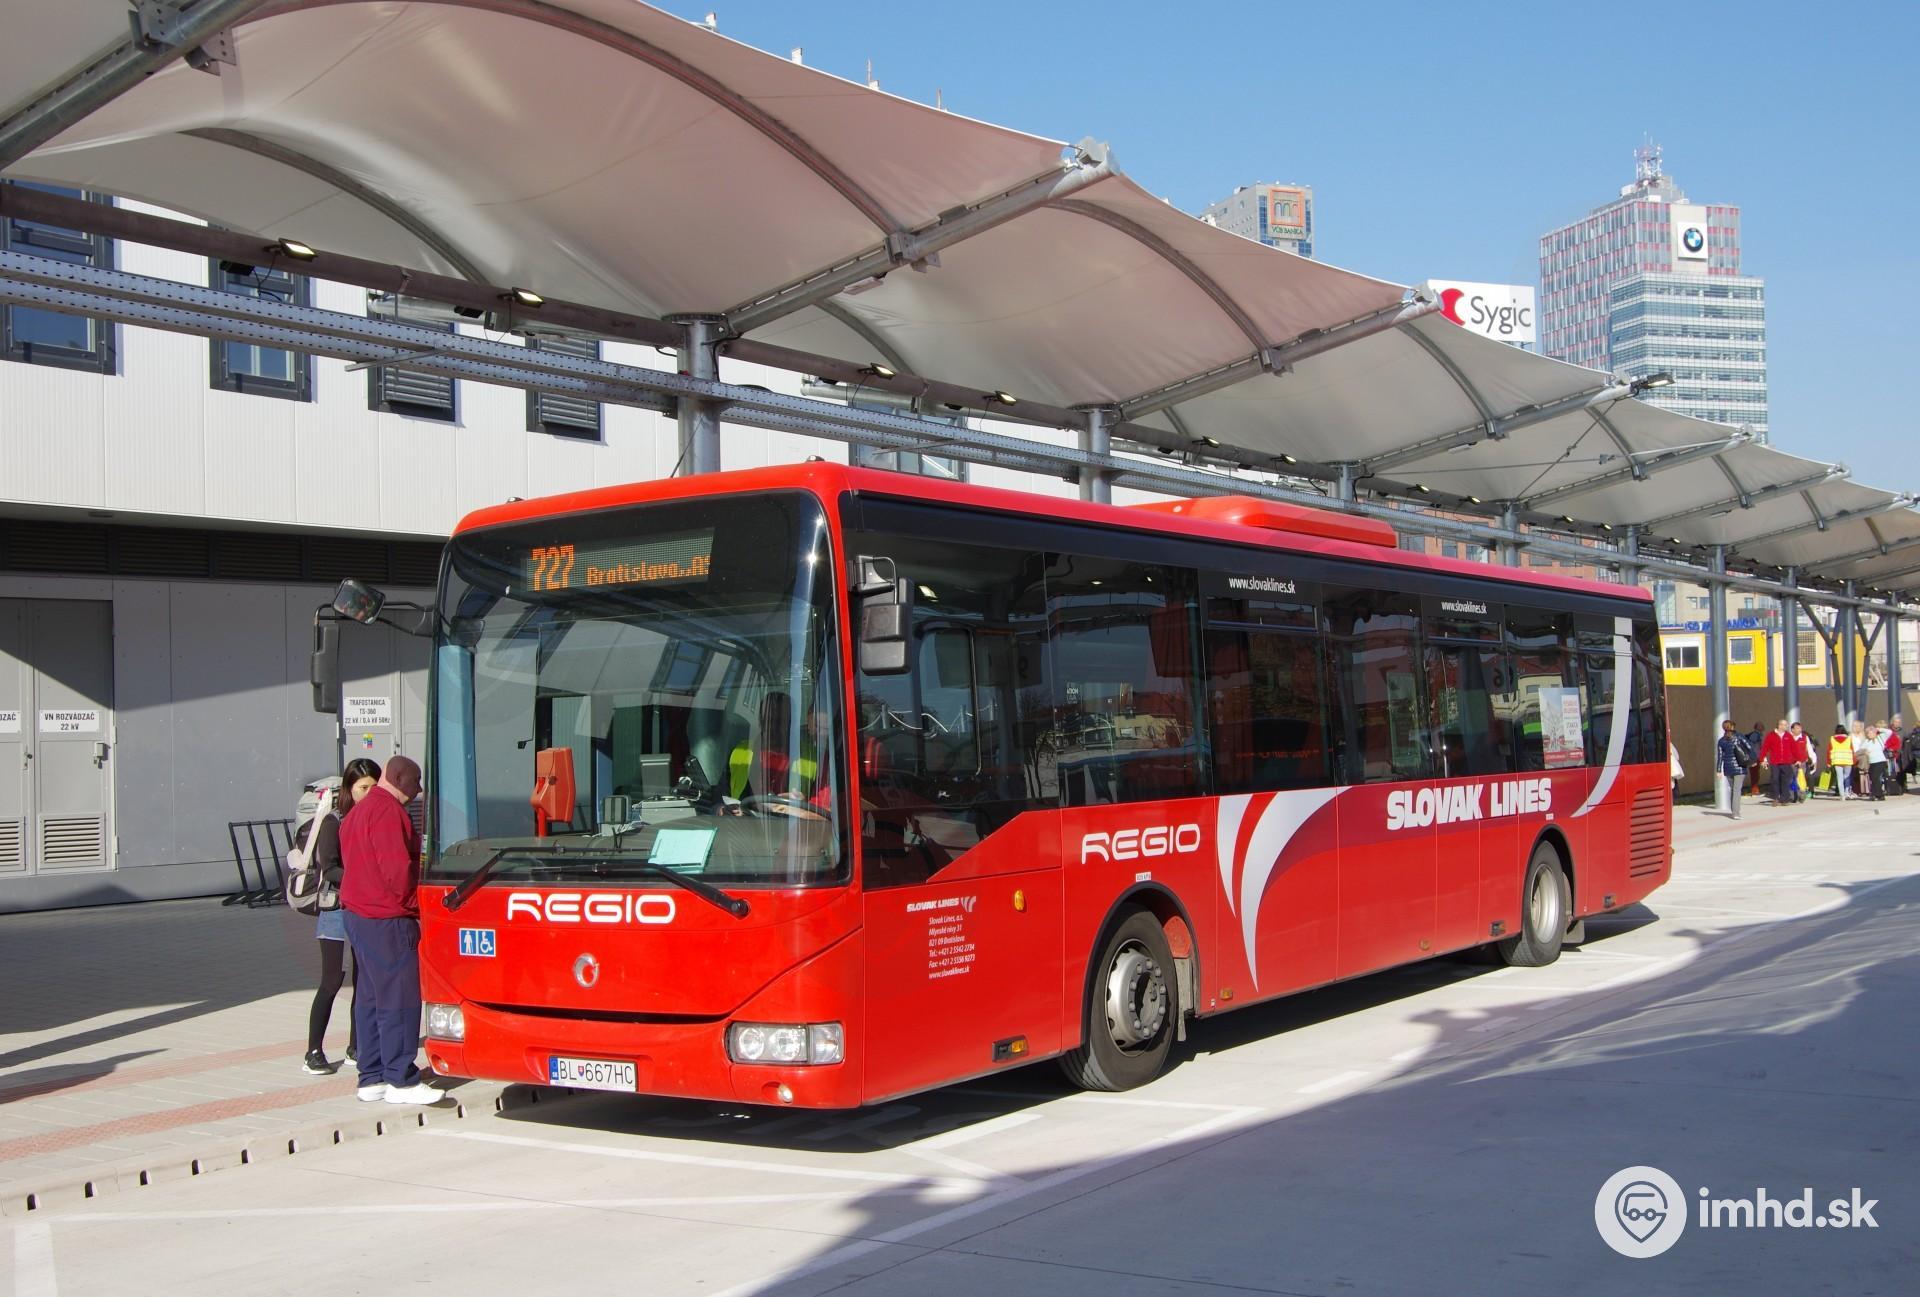 Náhradná autobusová stanica Mlynské nivy bola uvedená do prevádzky •  imhd.sk Bratislava e434ebc74f3